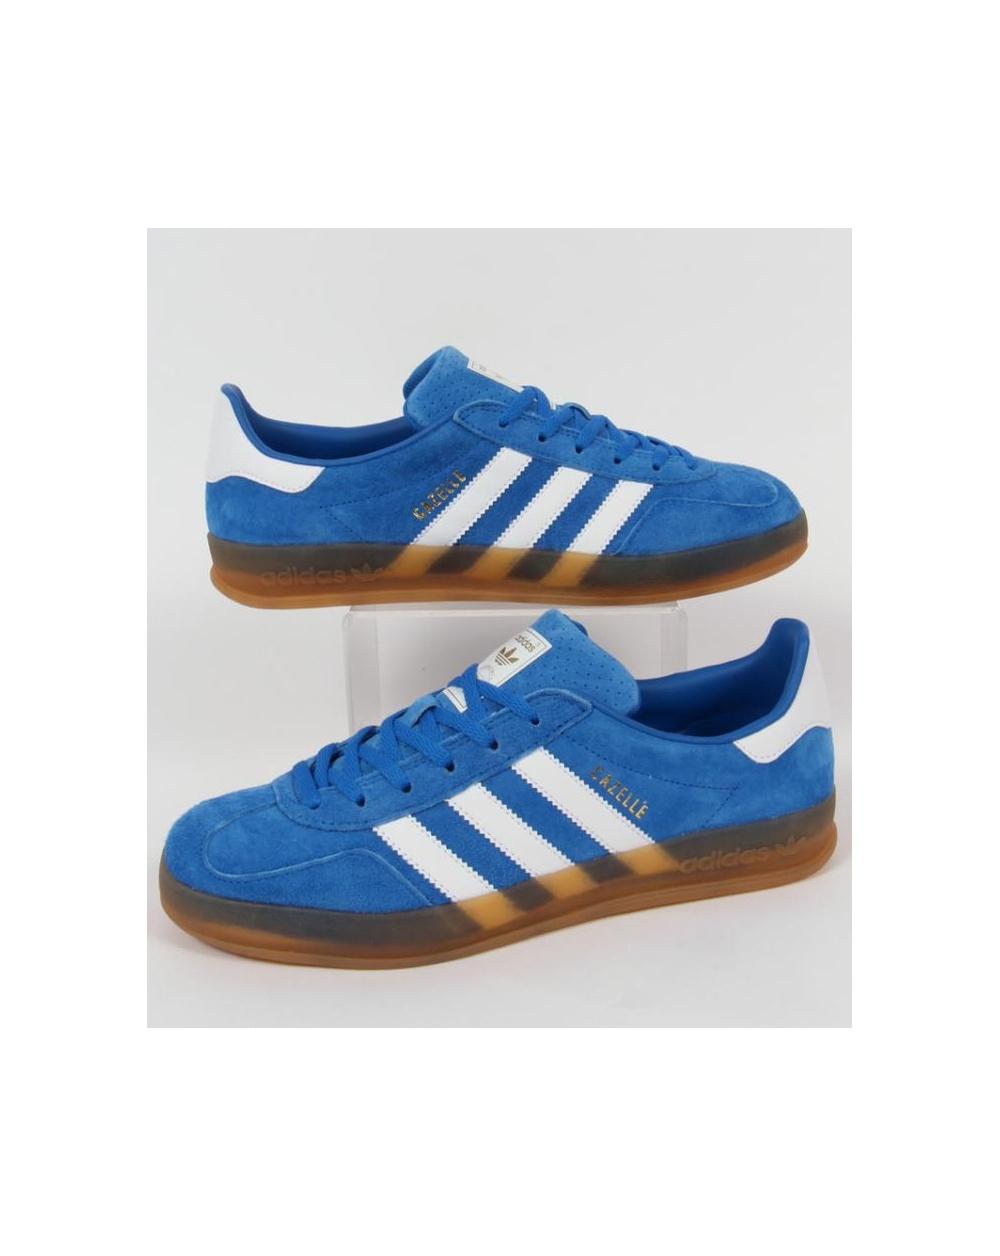 Adidas Originals Gazelle Indoor Uk